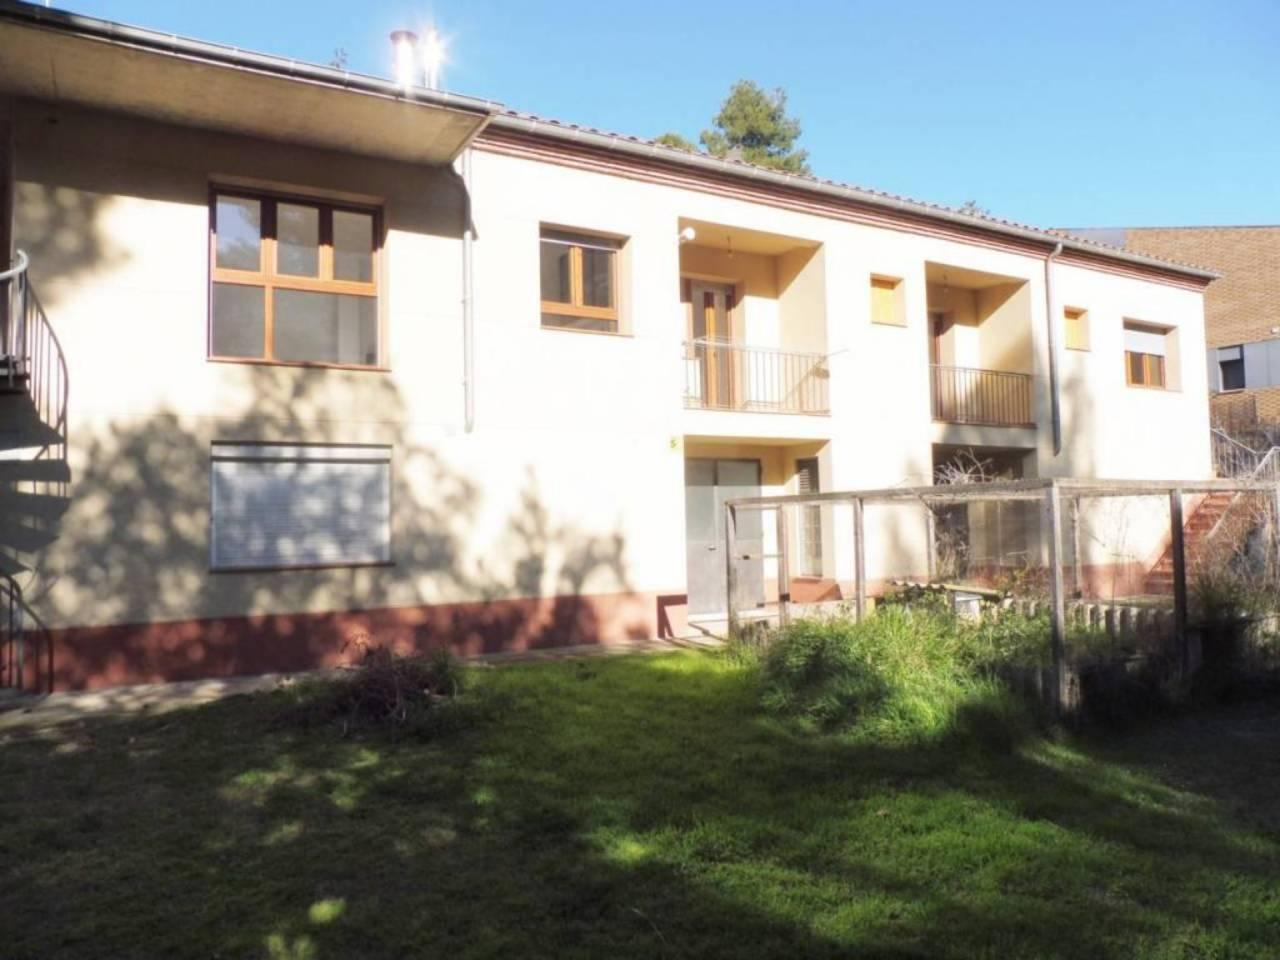 Casa en Viladecavalls - c/ Torrent 20